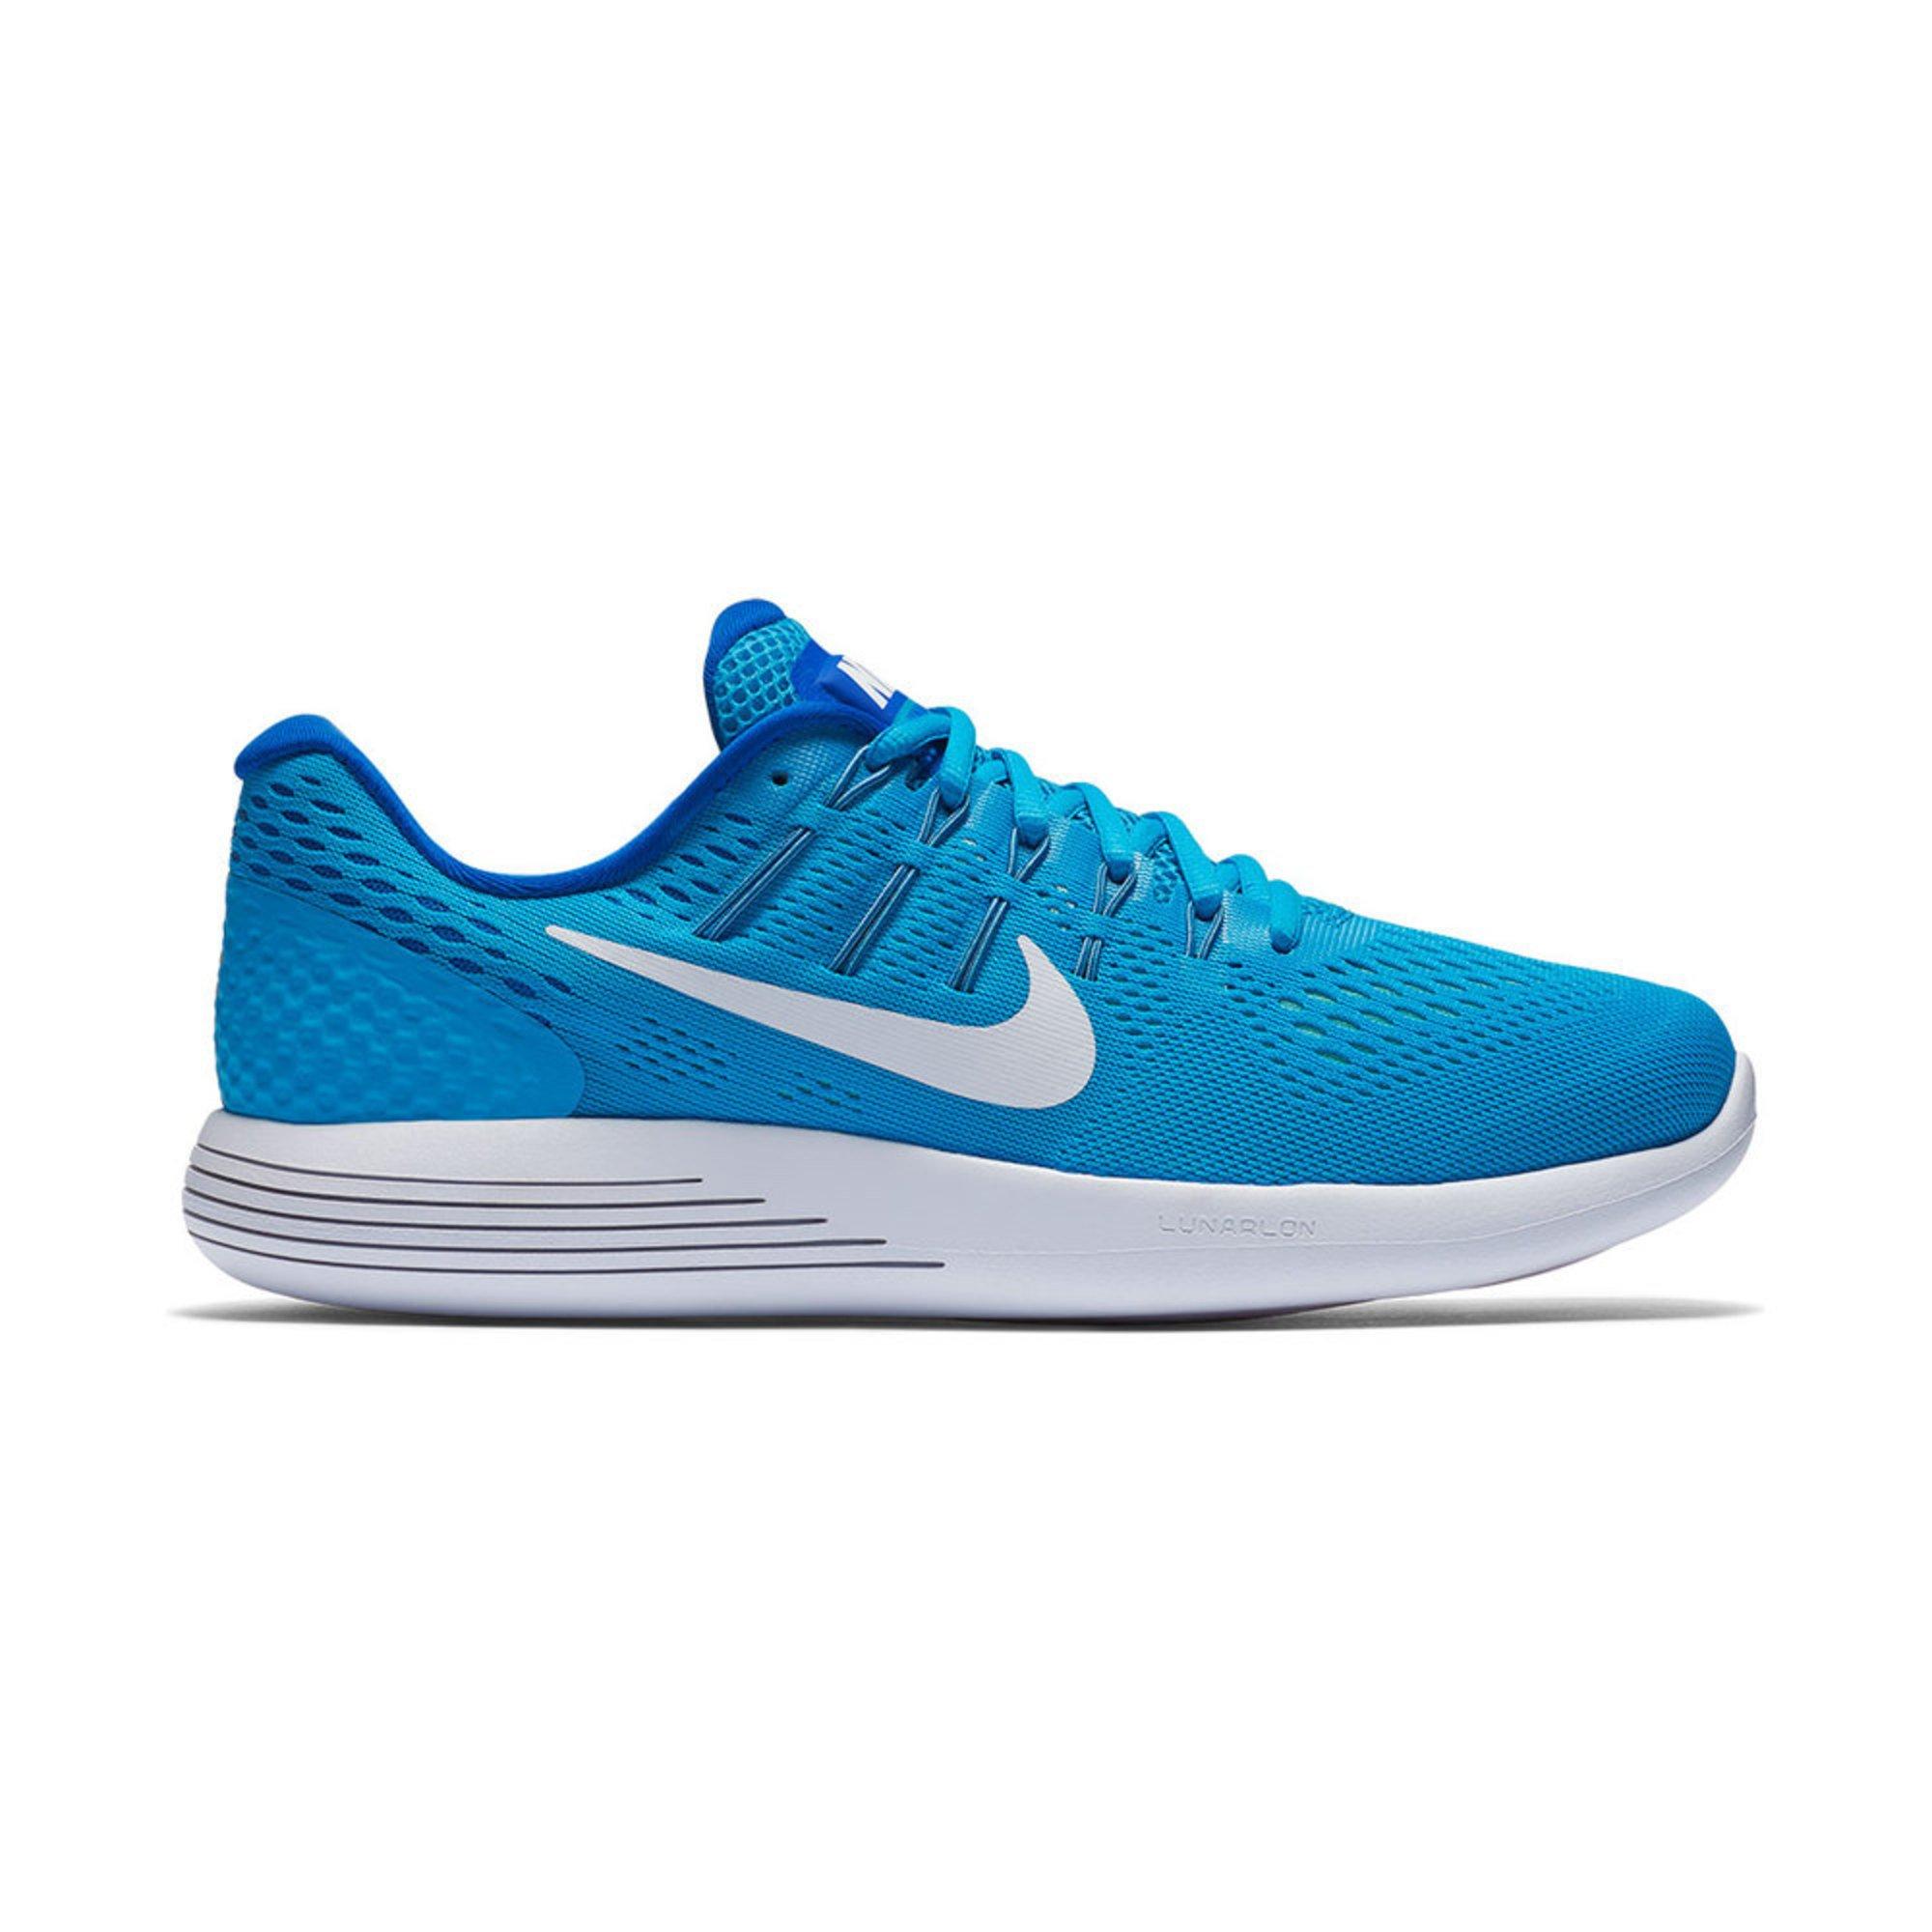 Nike LunarGlide 8 Women\u0026#39;s Running Shoe Blue Glow / Racer Blue / Hyper Turq / White